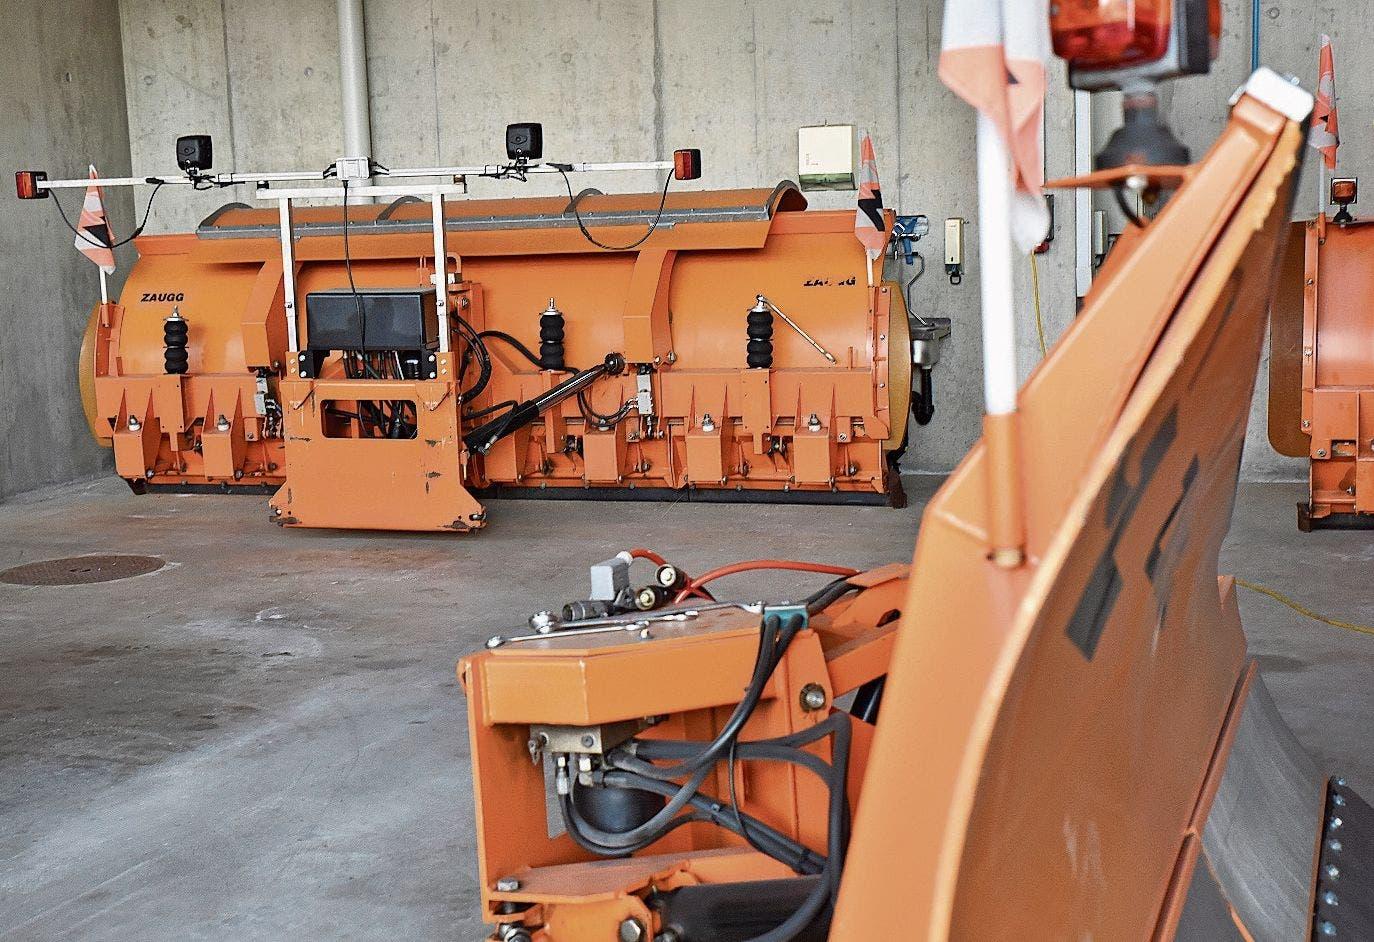 Das Material für den Winterdienst steht im Werkhof in Buchs bereit. Die Schneepflüge kamen in diesem Winter bisher nur auf Kantonsstrassen am Berg zum Einsatz.